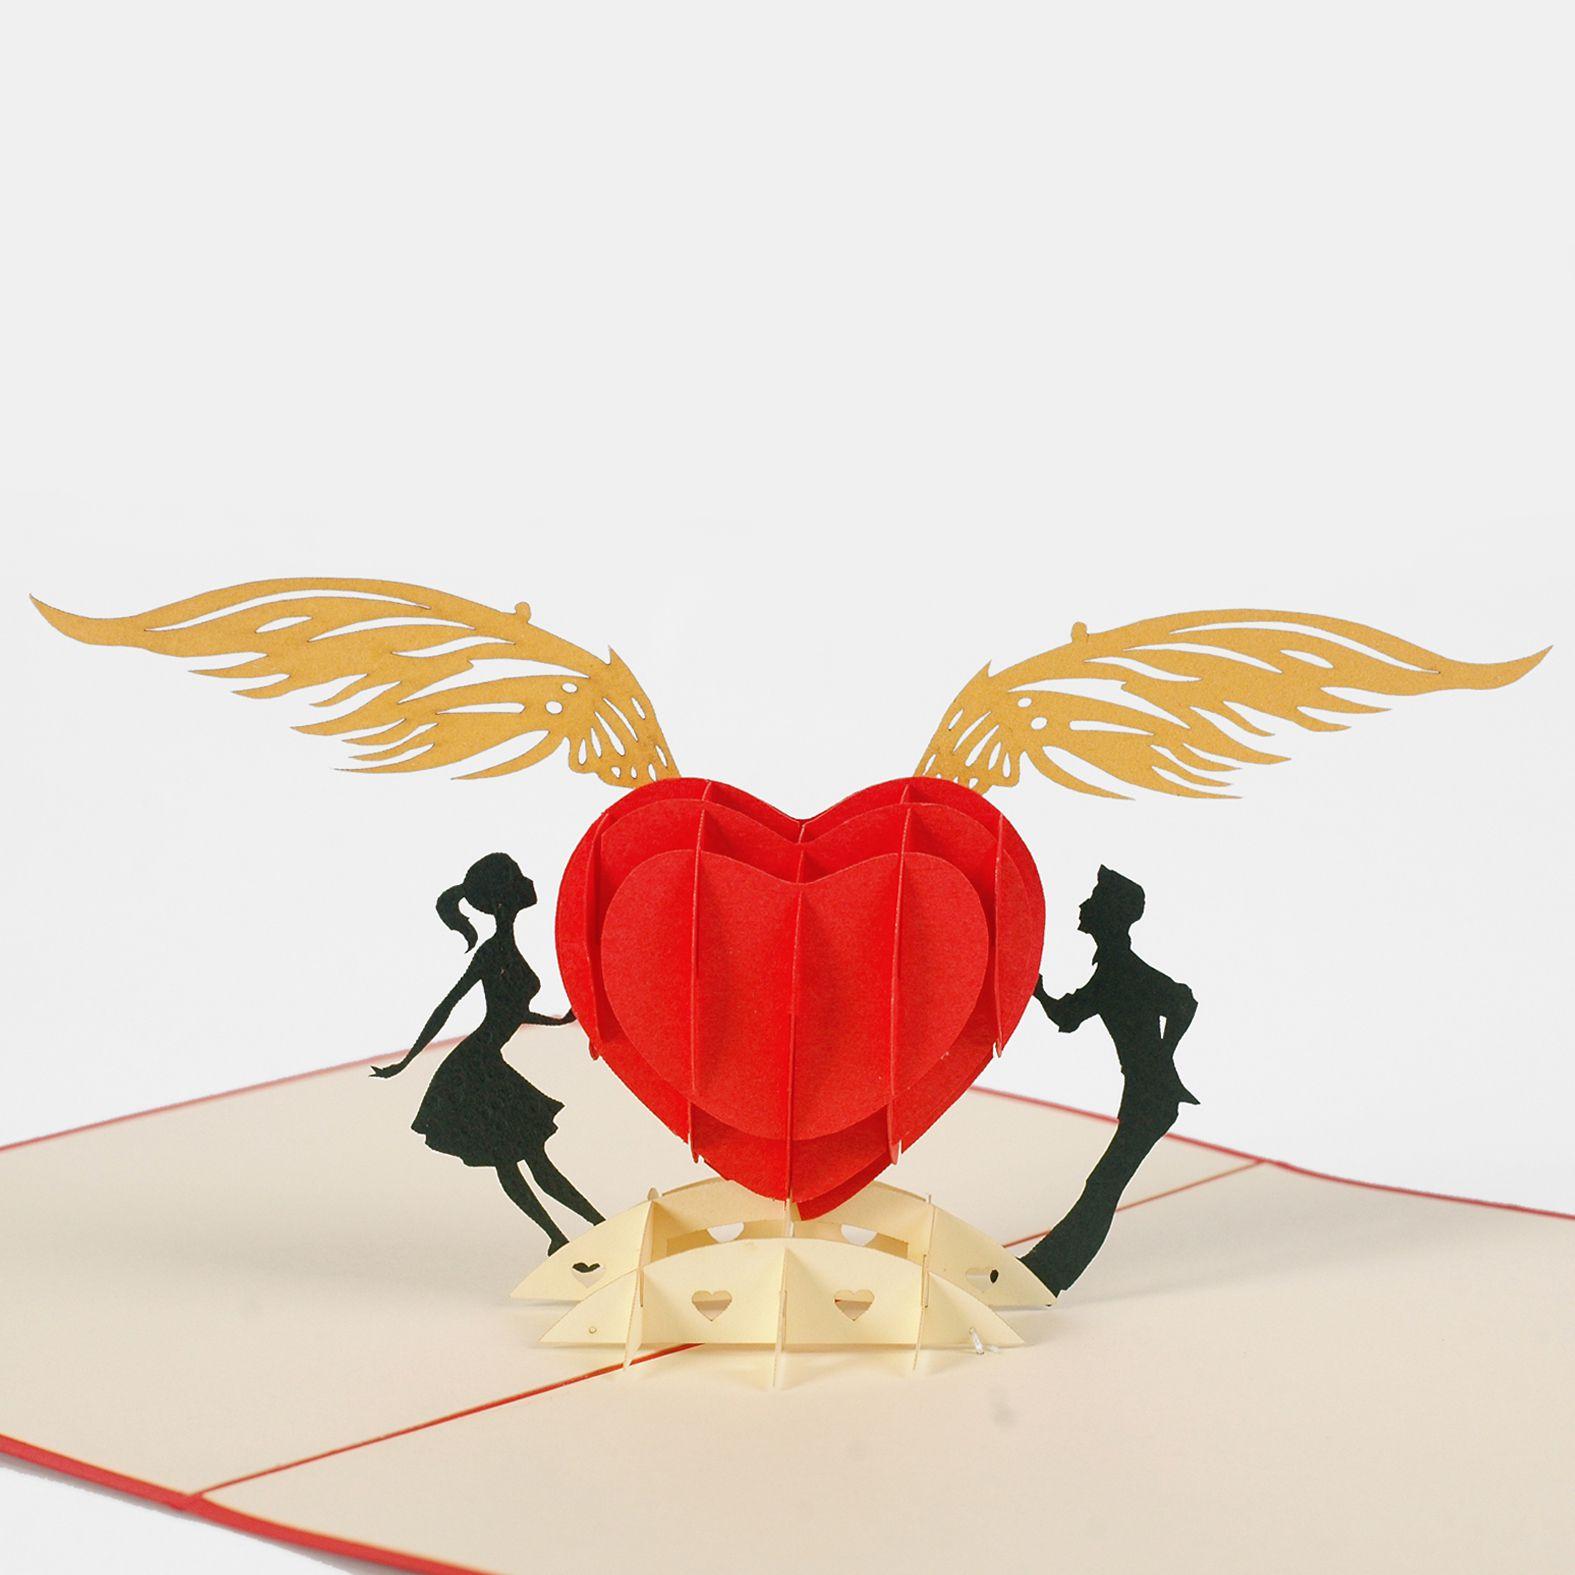 thiệp nổi tình yêu chắp cánh